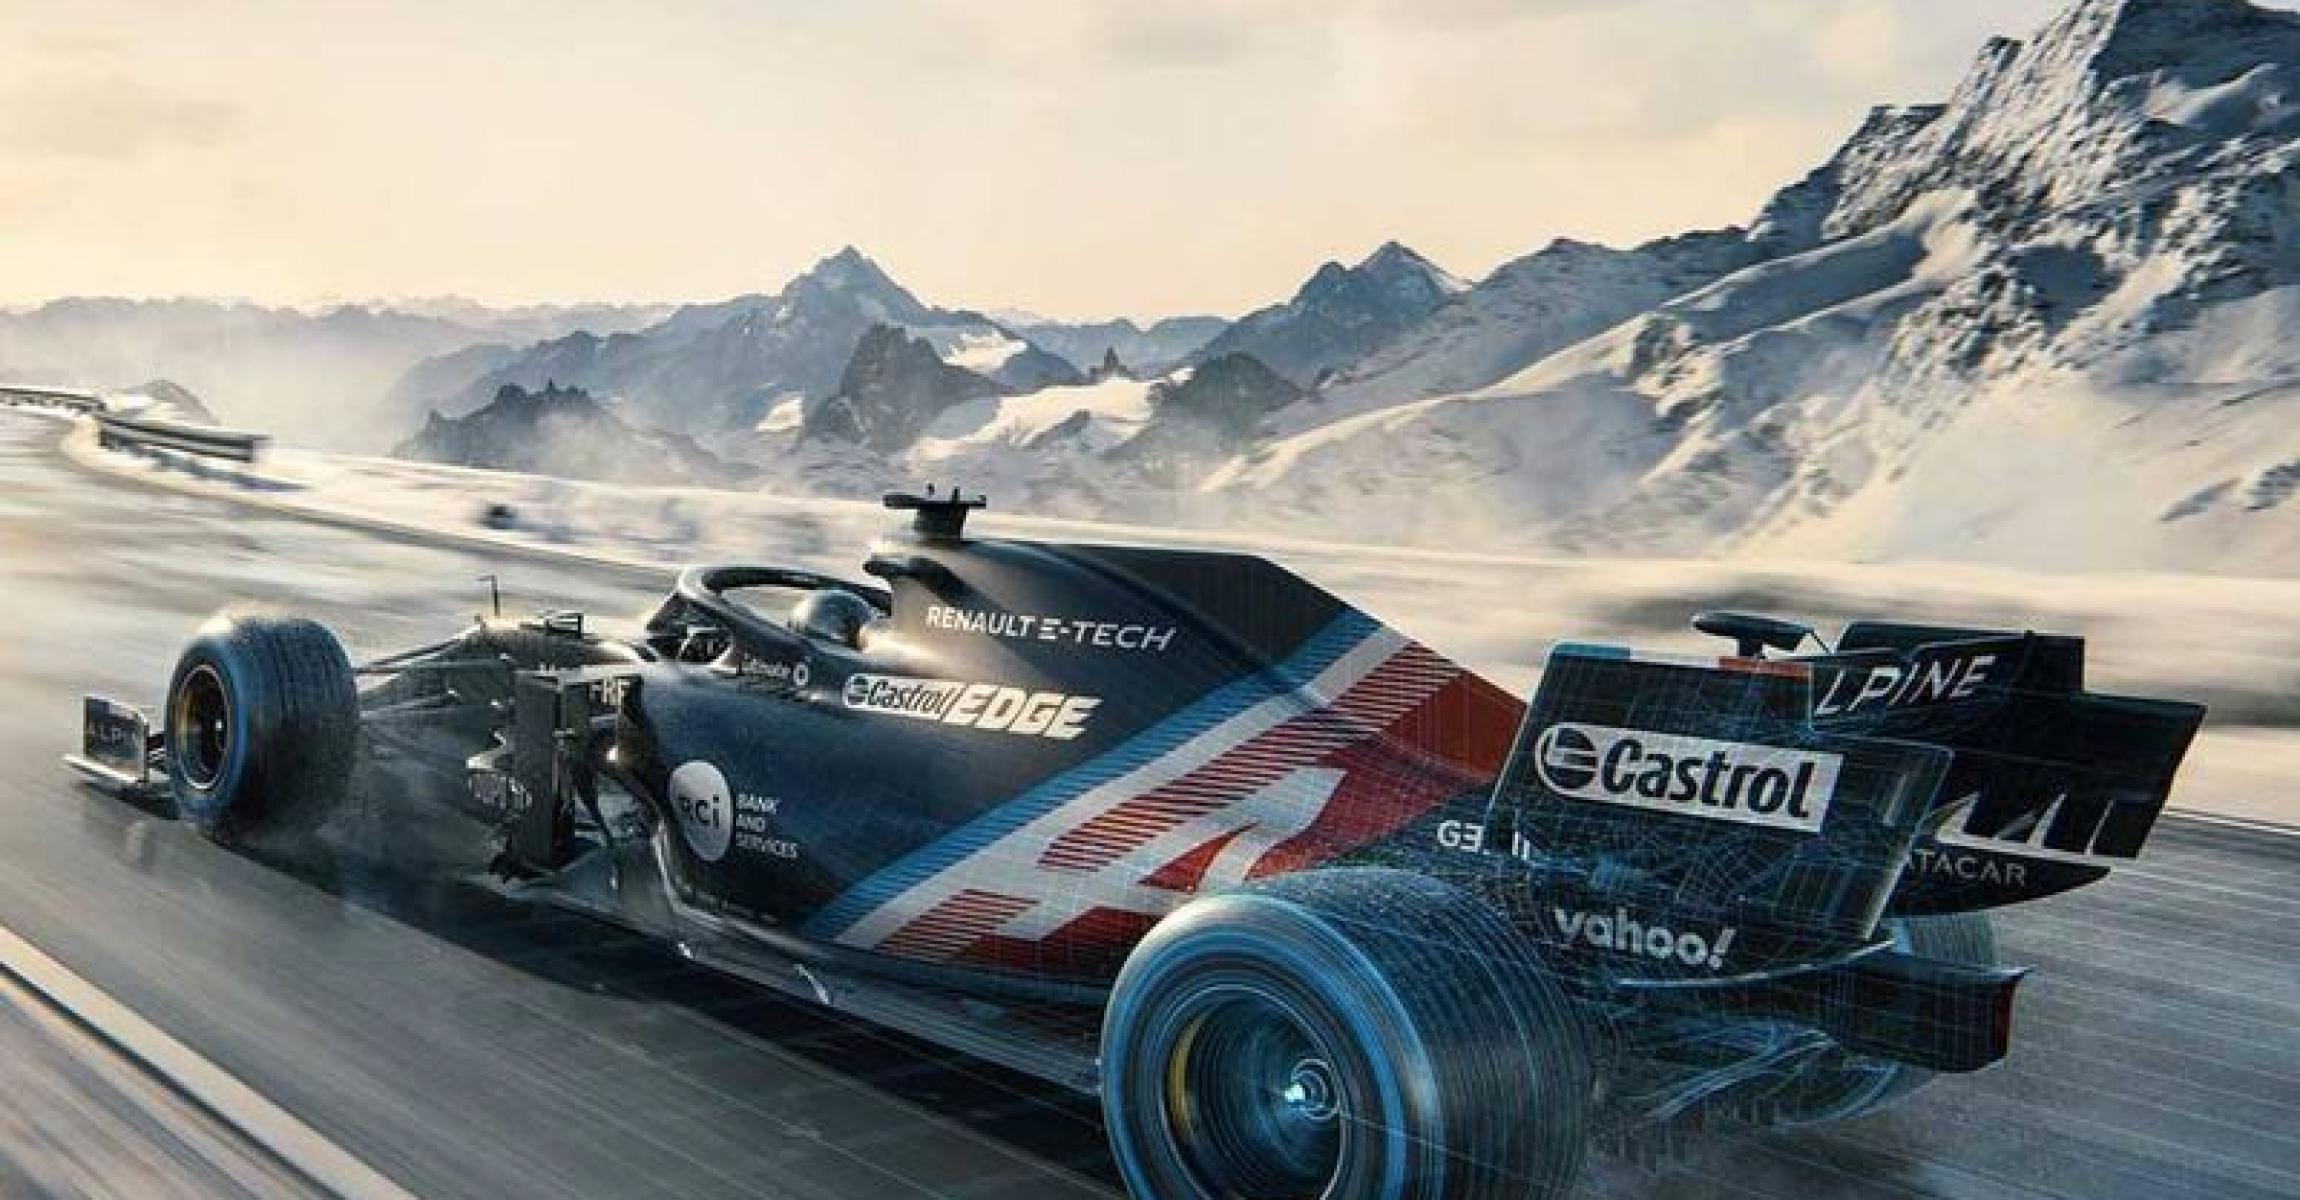 Alpine F1 2021 livery